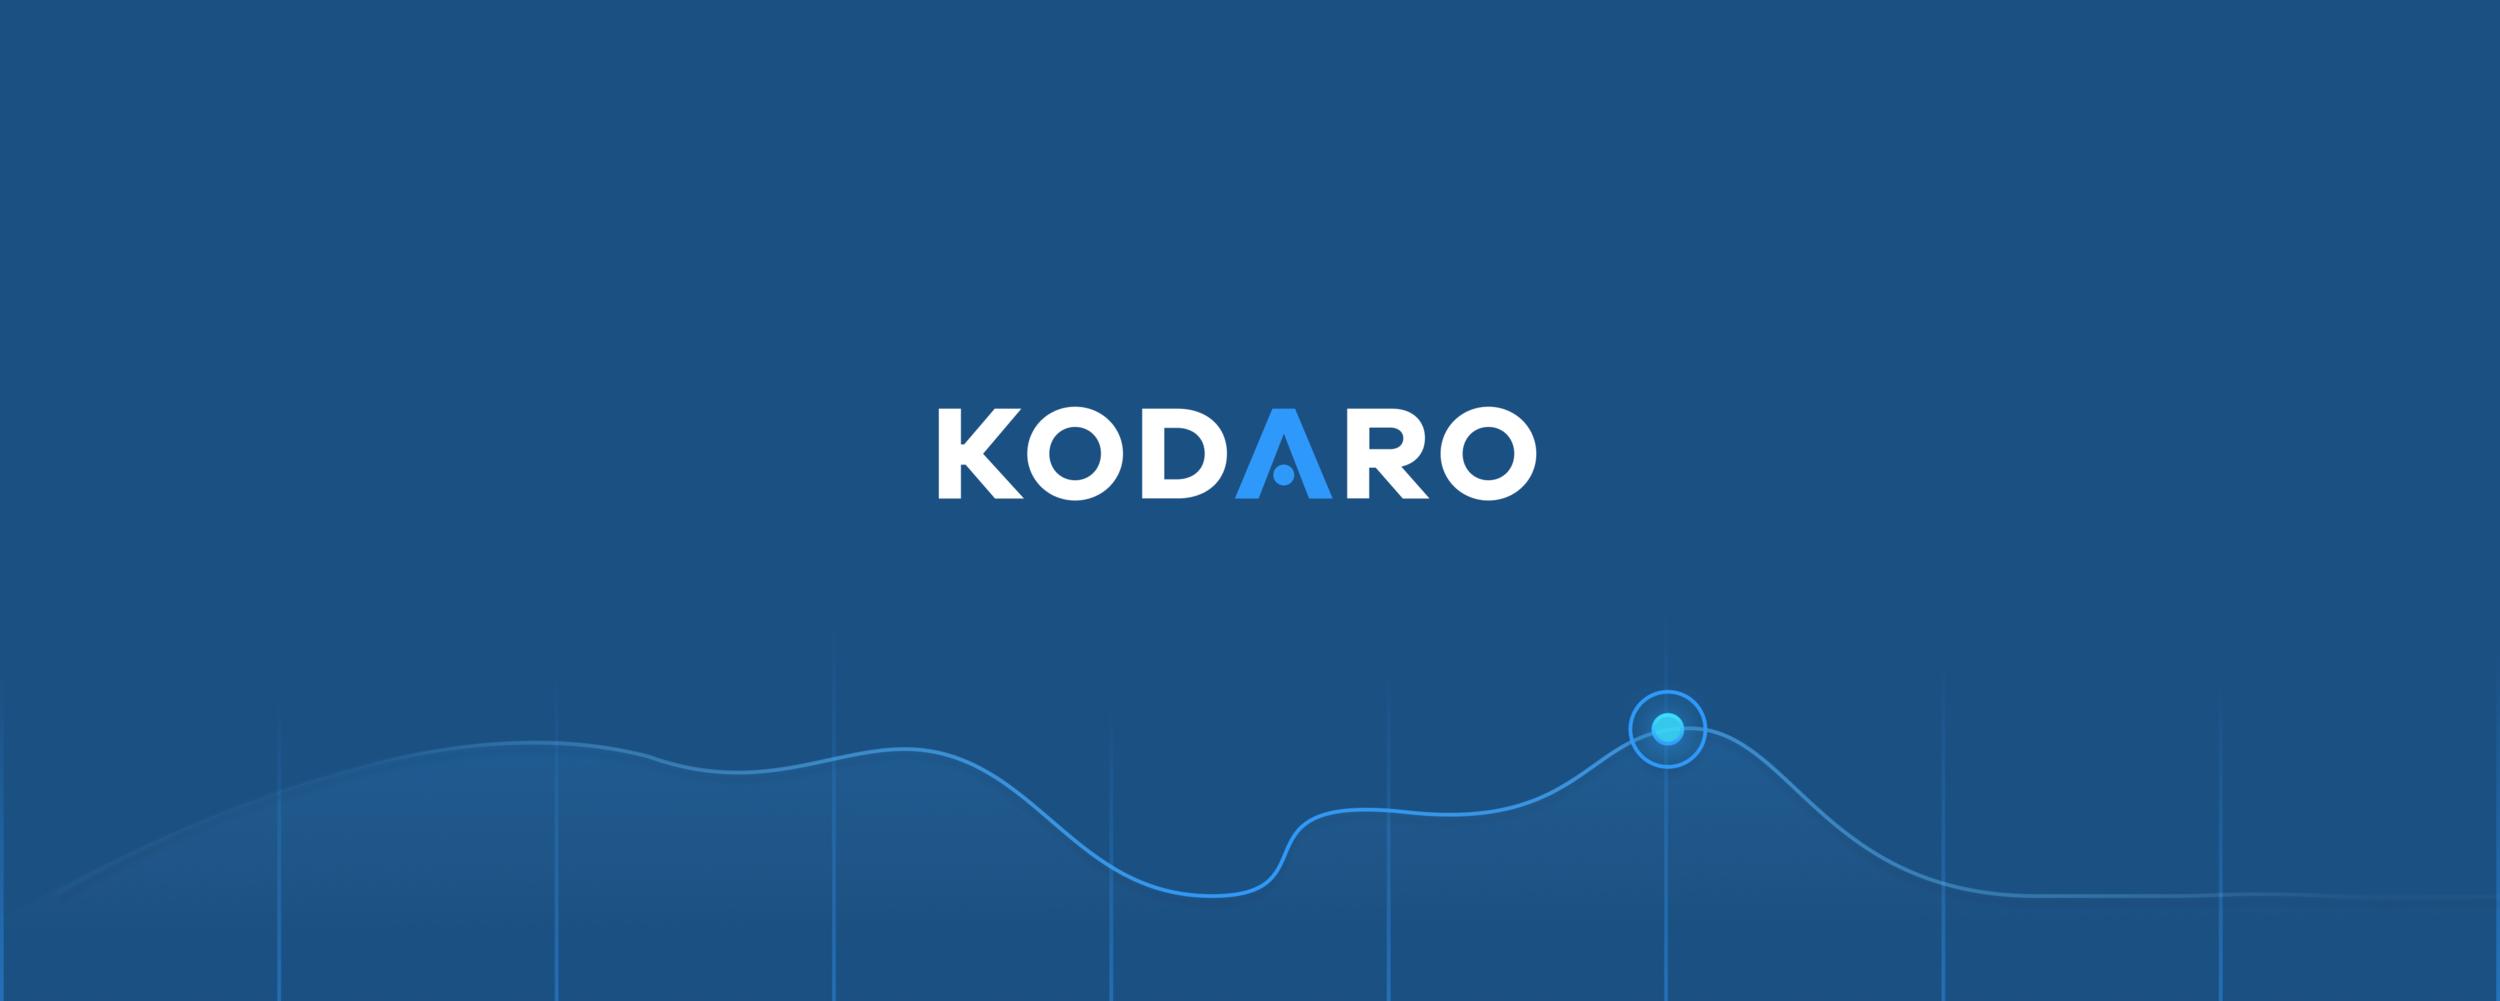 kodaro hero-dark.png